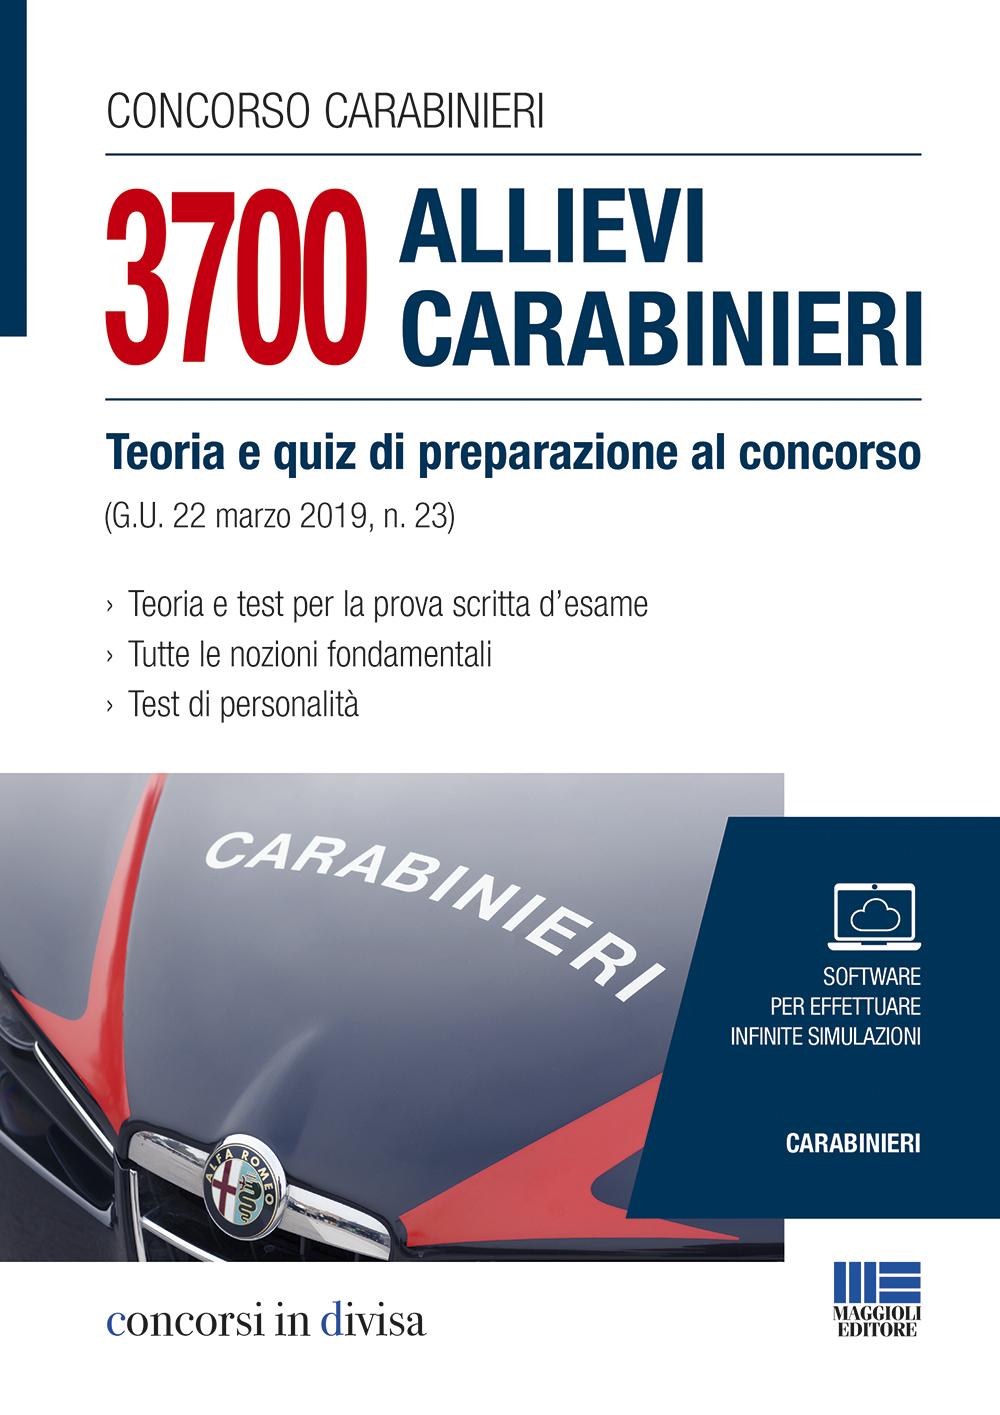 Concorso Carabinieri 3700 Allievi Carabinieri